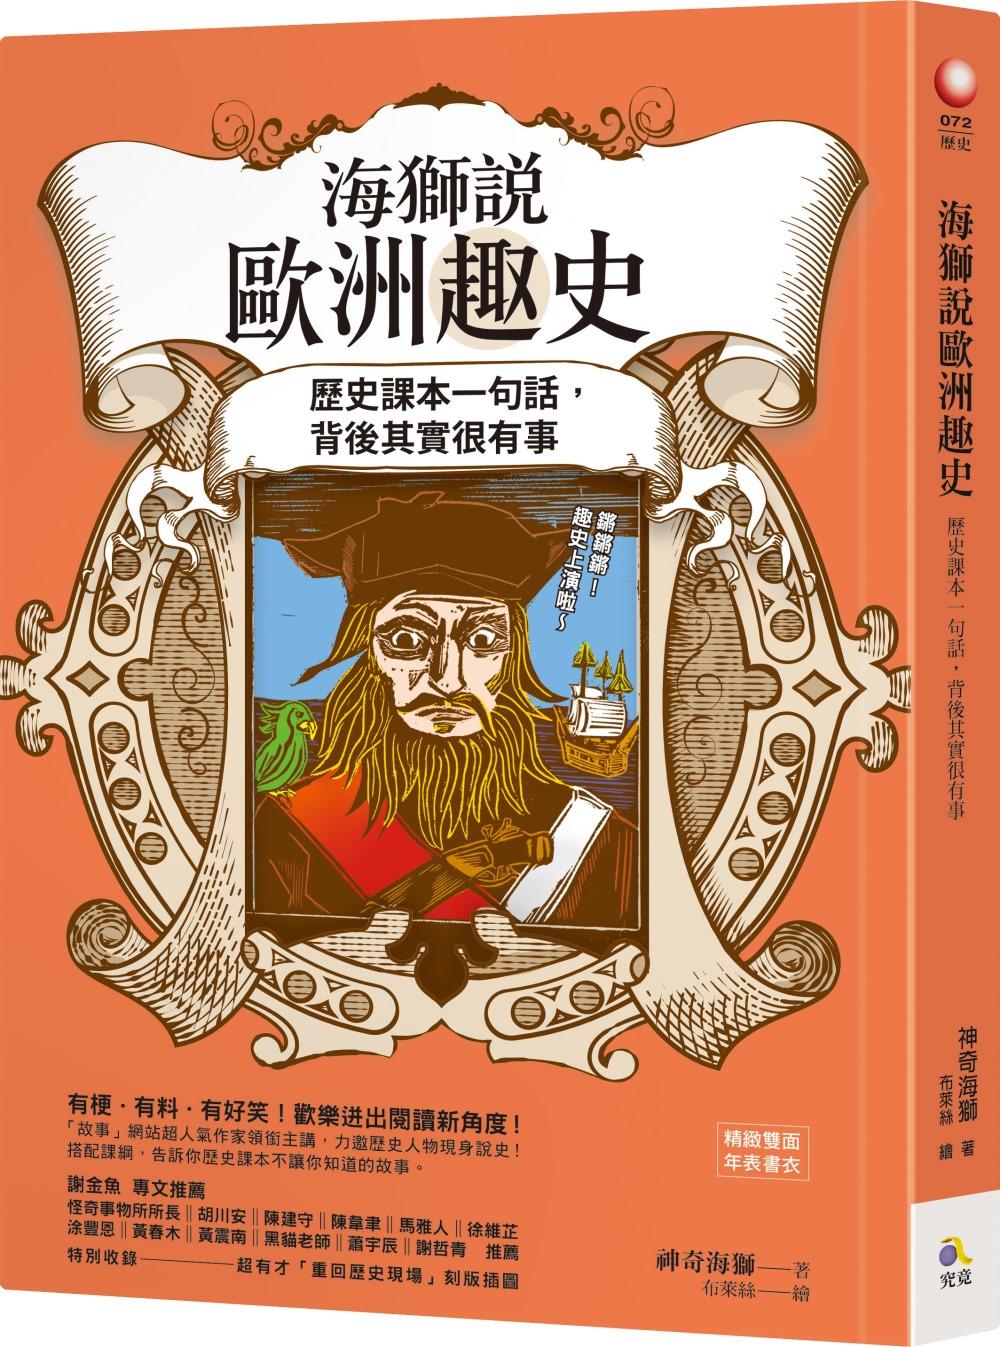 海獅說歐洲趣史:【讀趣史者得赦免版:作者親簽扉頁+「贖罪不倦」便條本】──歷史課本一句話,背後其實很有事